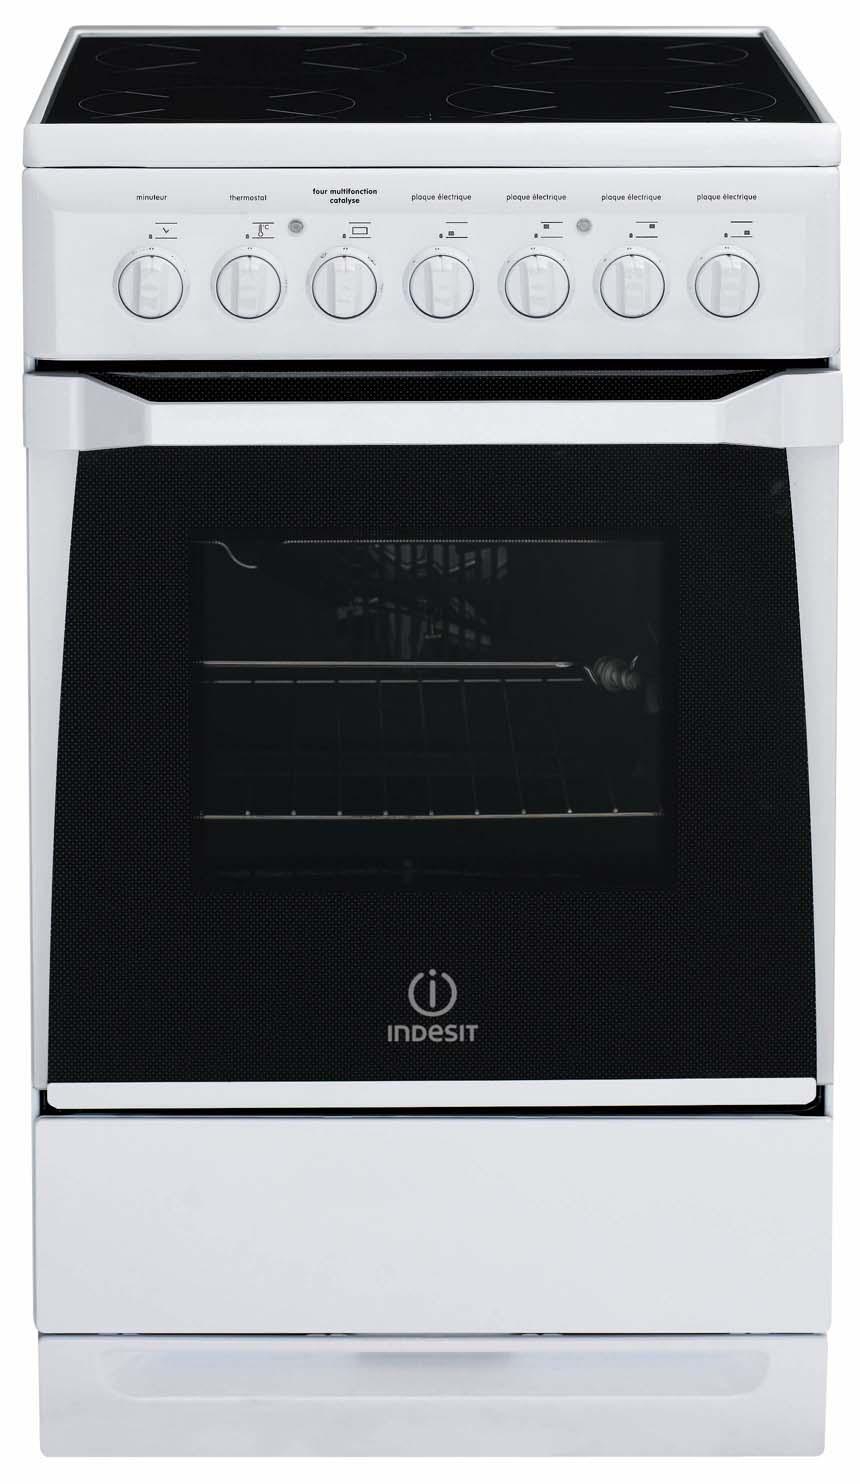 indesit kn3c51x. Black Bedroom Furniture Sets. Home Design Ideas